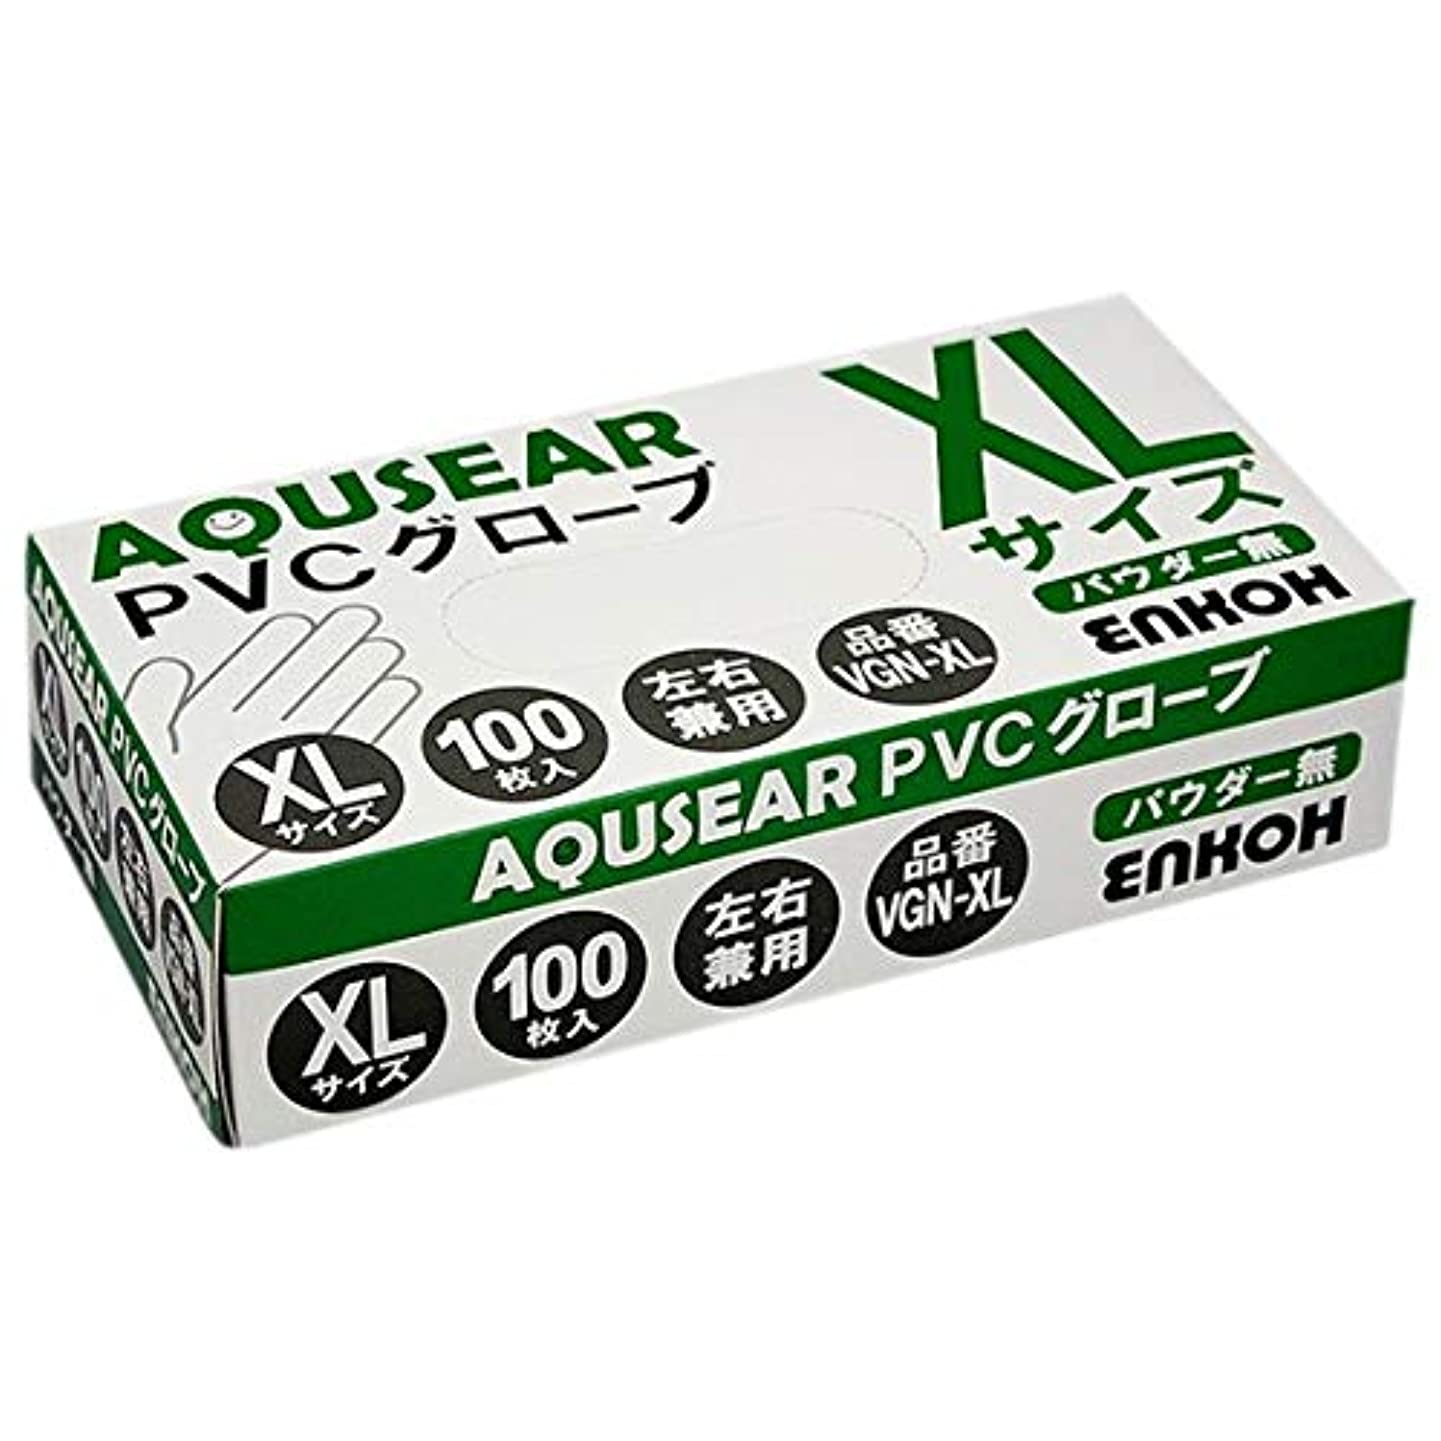 引き出し味わう明るいAQUSEAR PVC プラスチックグローブ XLサイズ パウダー無 VGN-XL 100枚×20箱